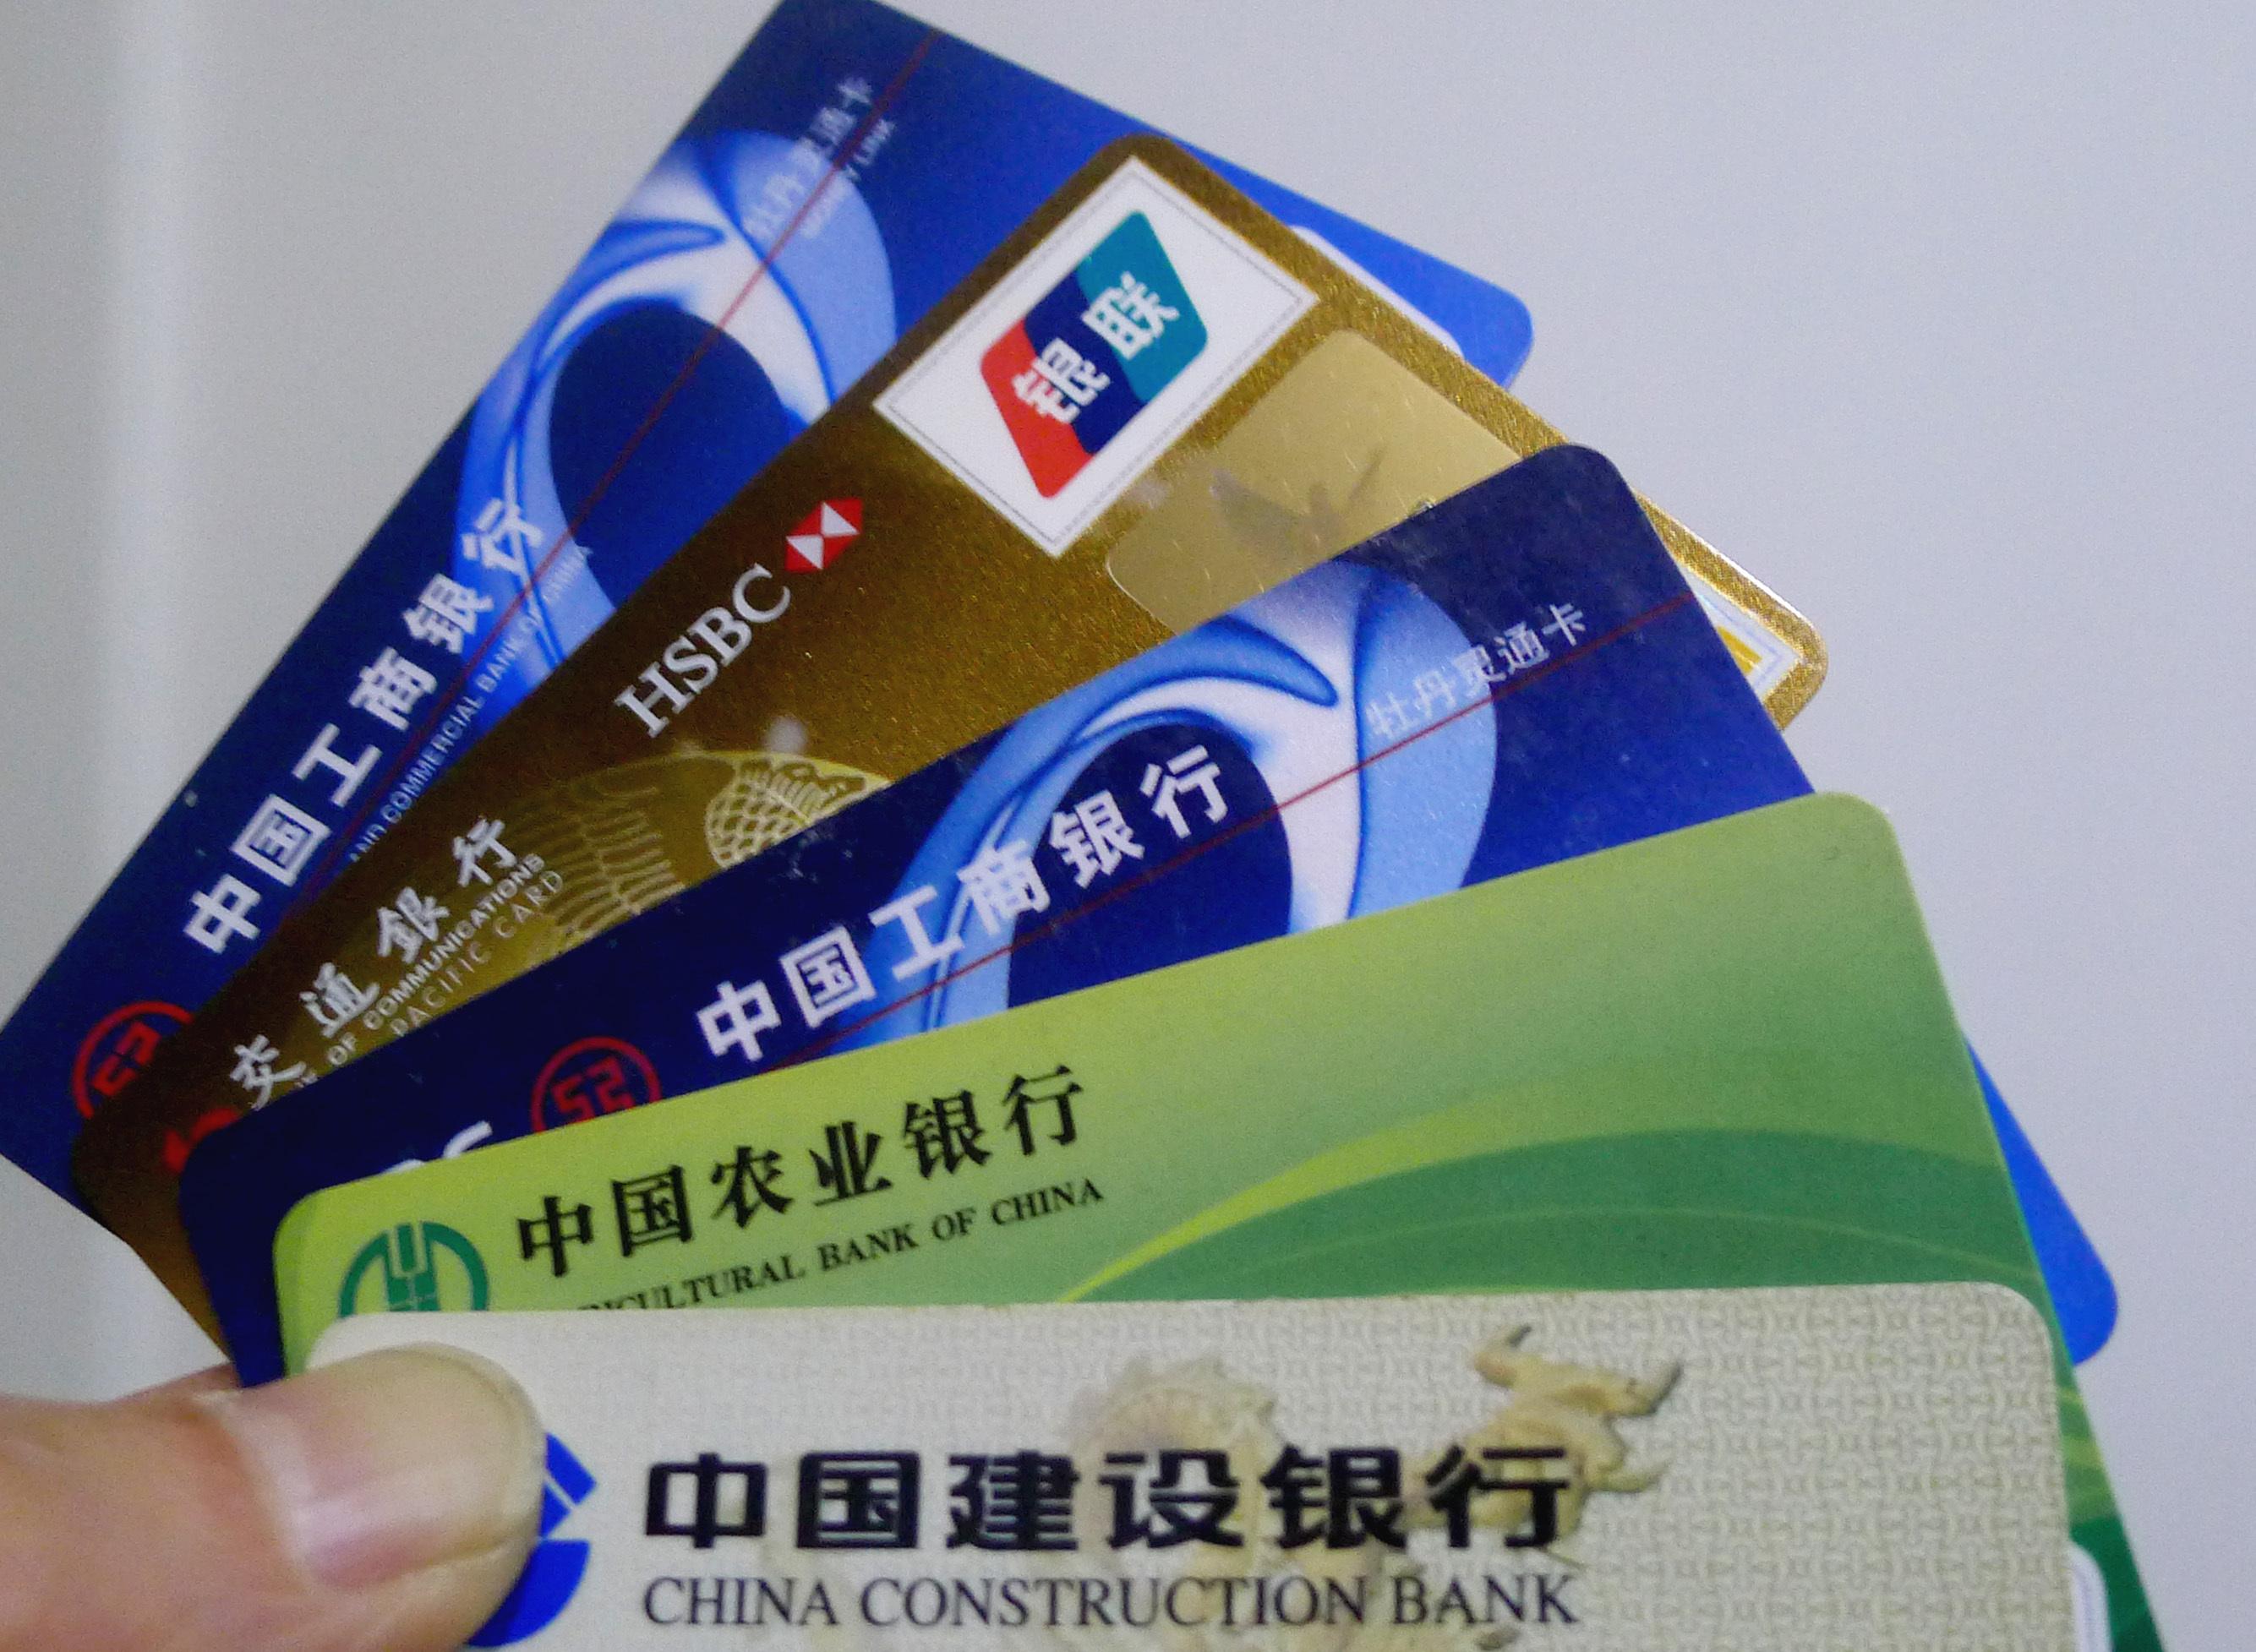 各银行信用卡人均额度排名,你拉低了平均线吗?